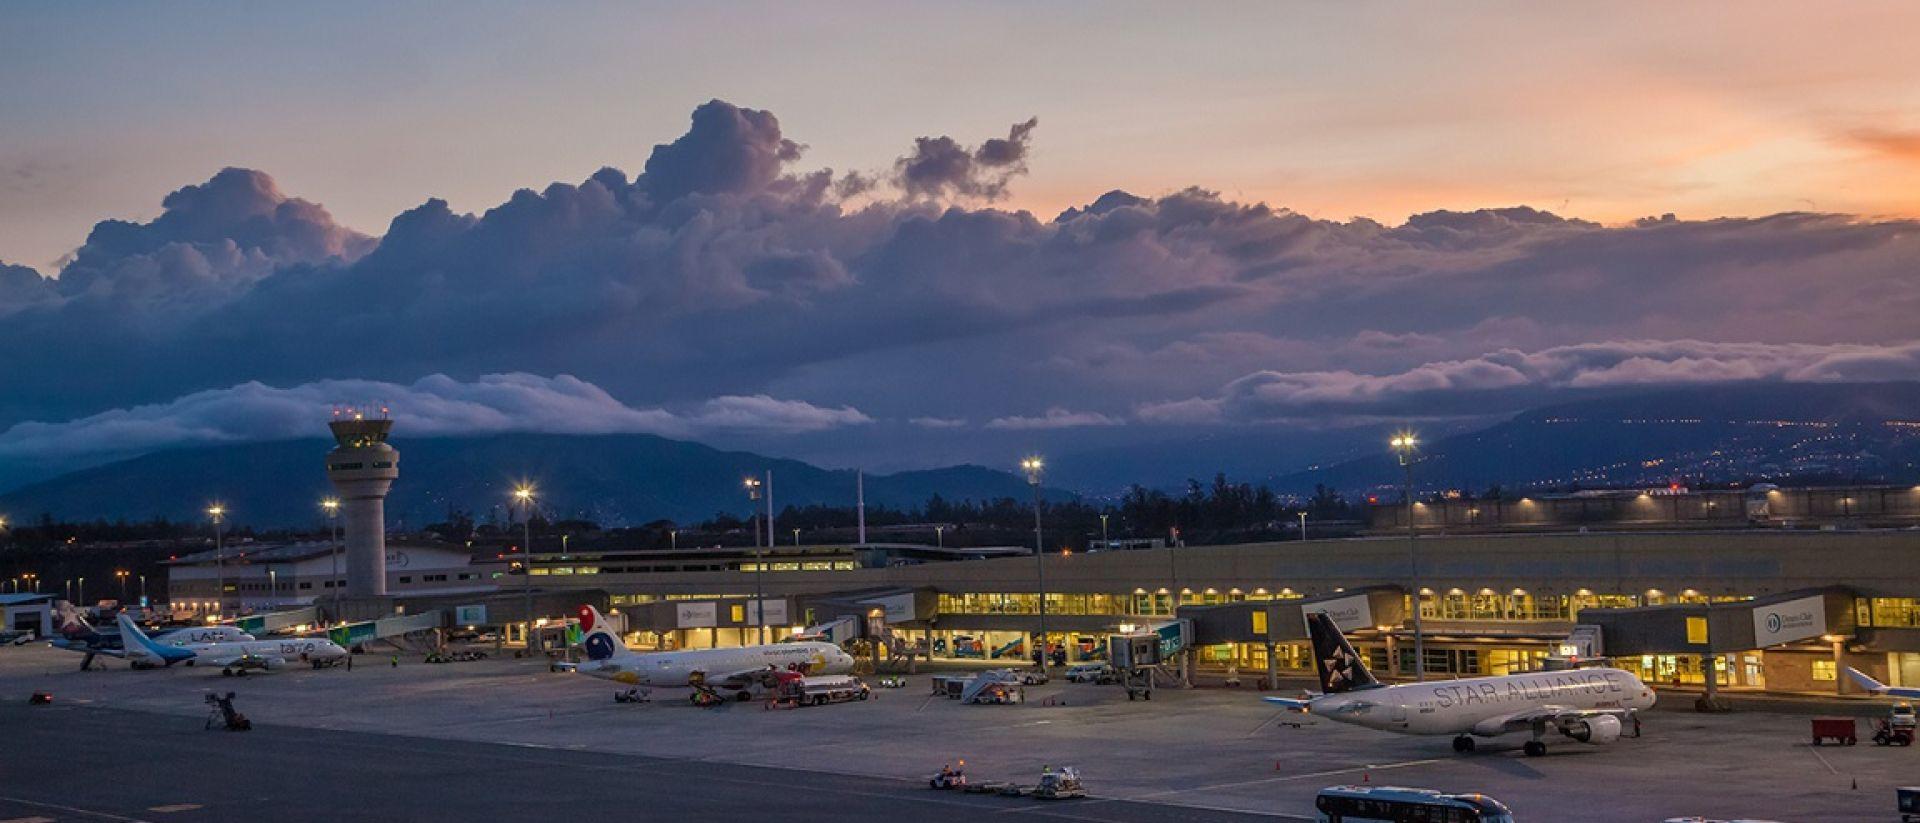 El aeropuerto ecuatoriano de Quito supera los 5M de pasajeros ...